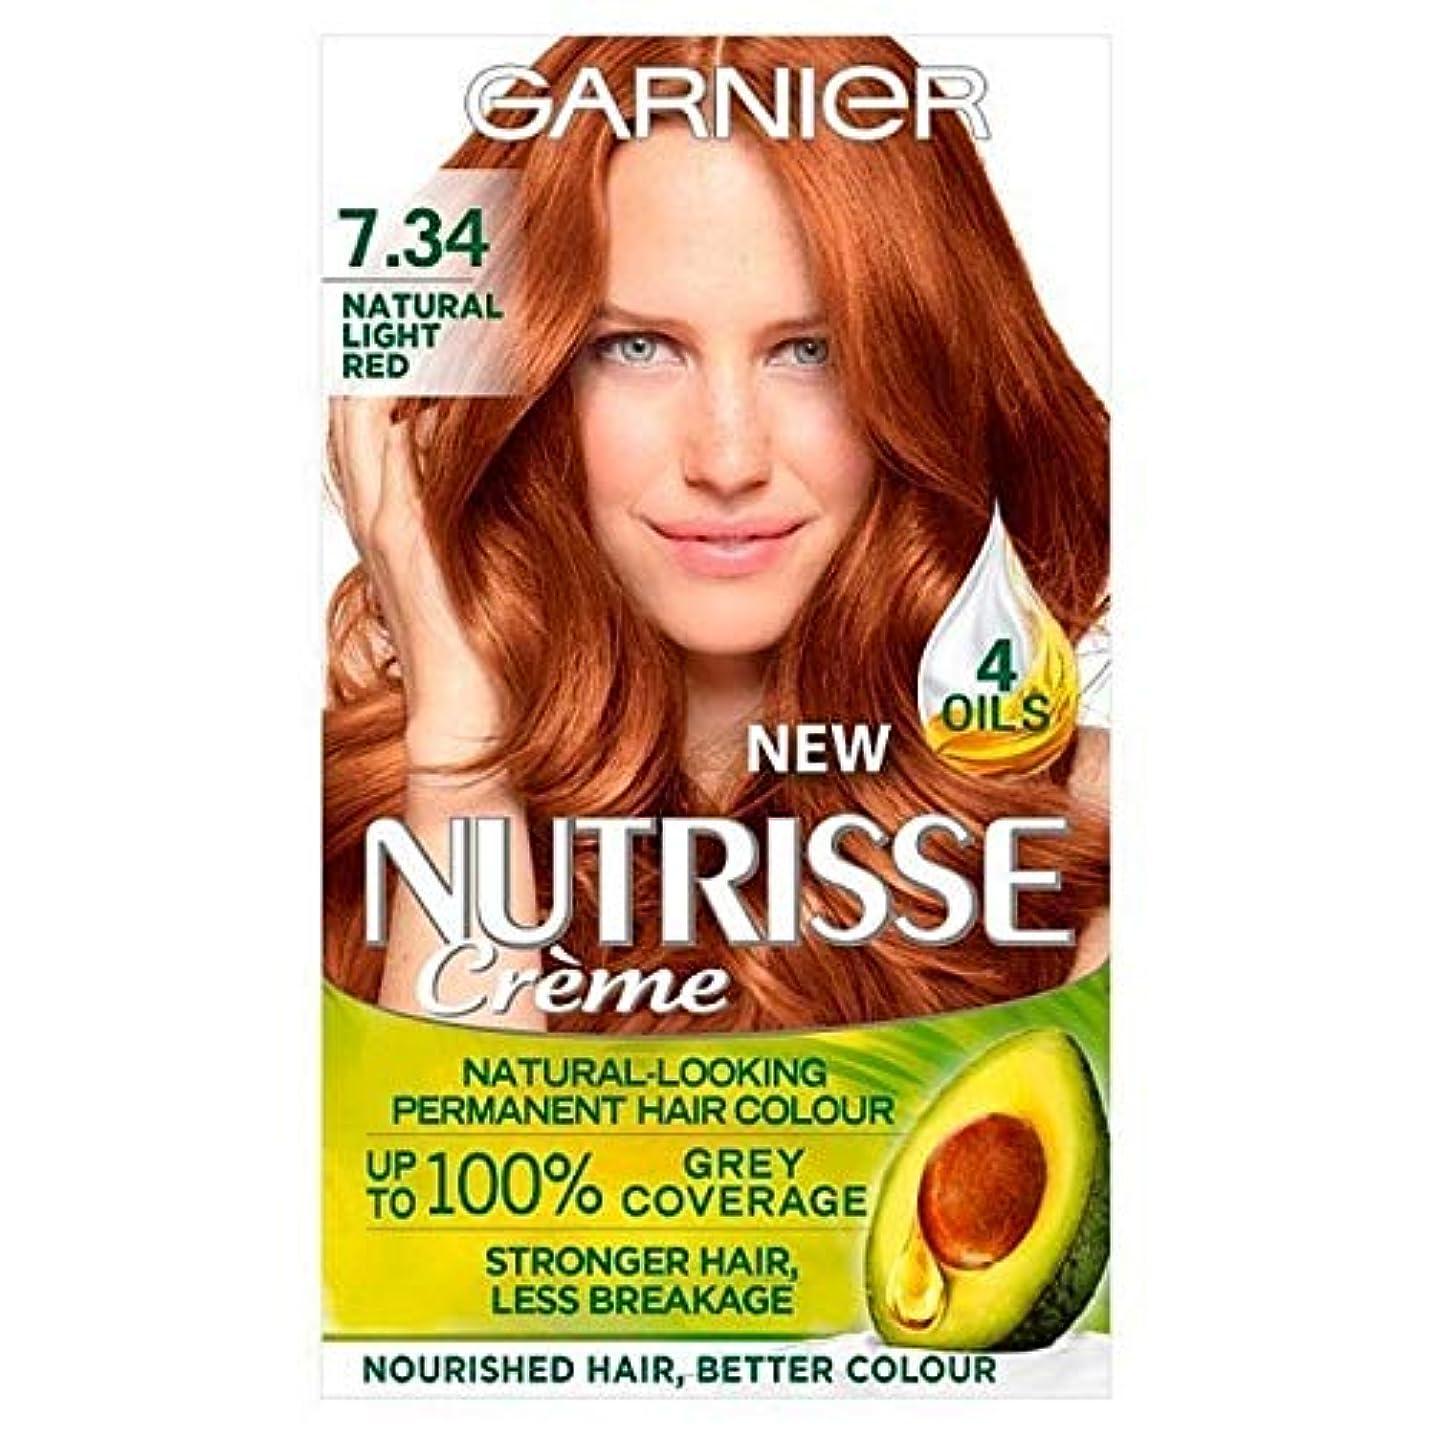 保証する首相系譜[Garnier ] 7.34光の自然な赤ガルニエNutrisseパーマネントヘアダイ - Garnier Nutrisse Permanent Hair Dye Light Natural Red 7.34 [並行輸入品]